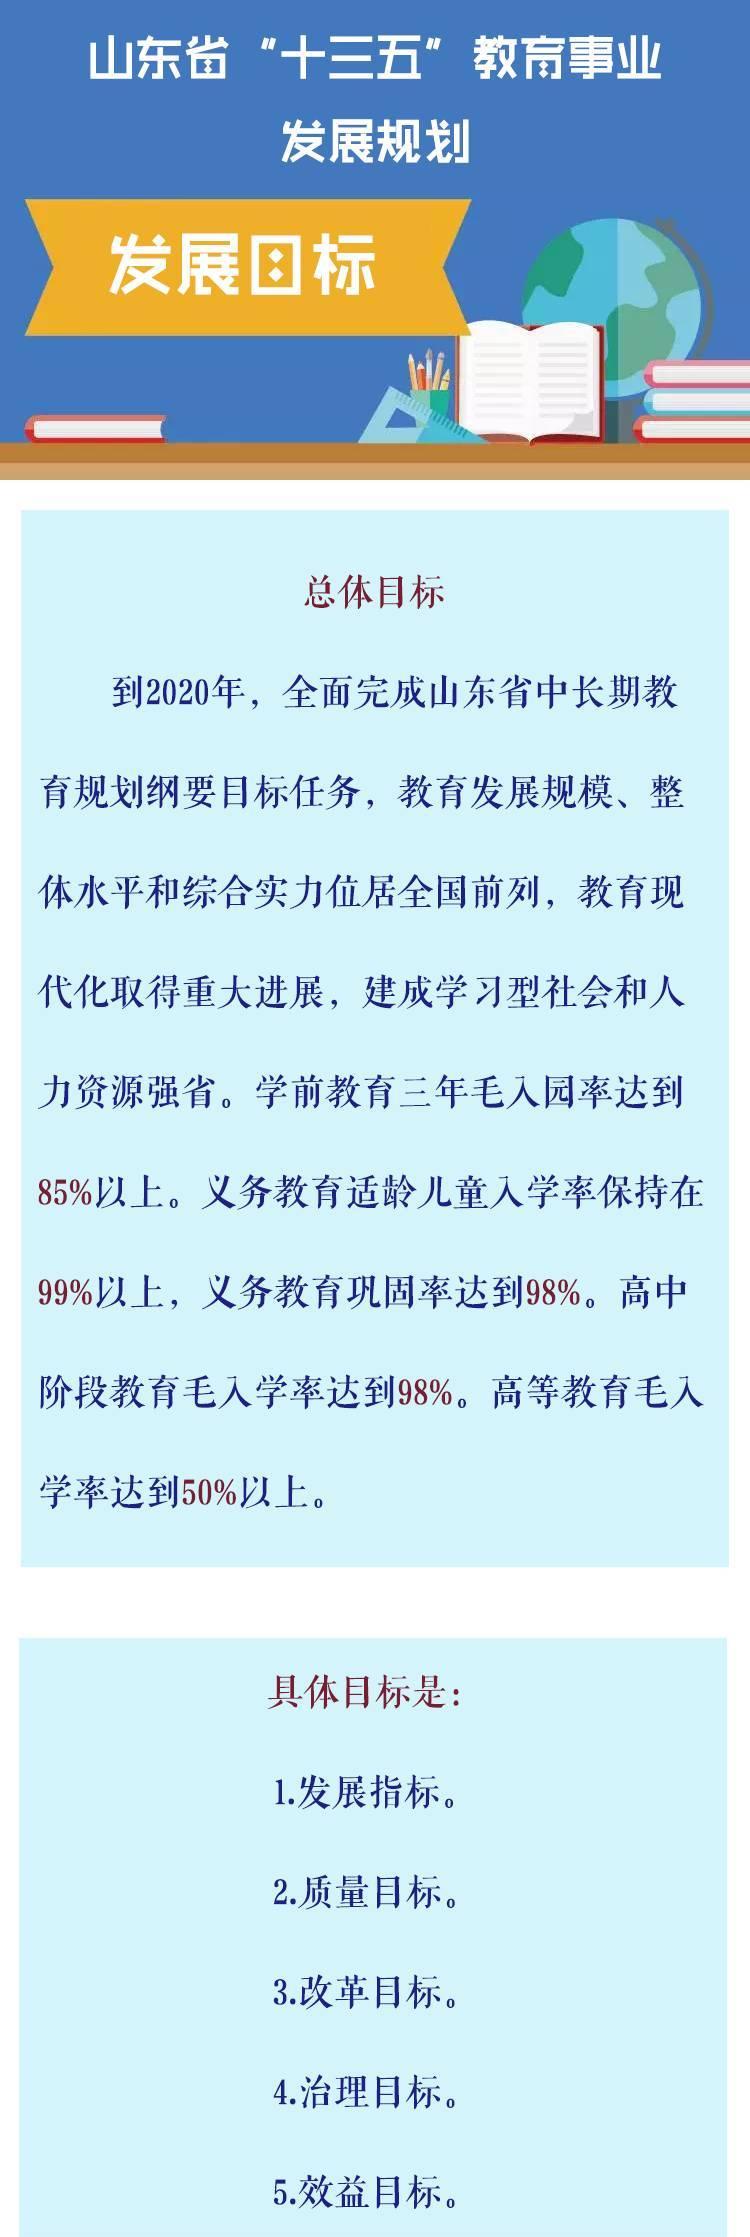 """重磅丨权威解读!山东省""""十三五""""教育事业发展规划"""